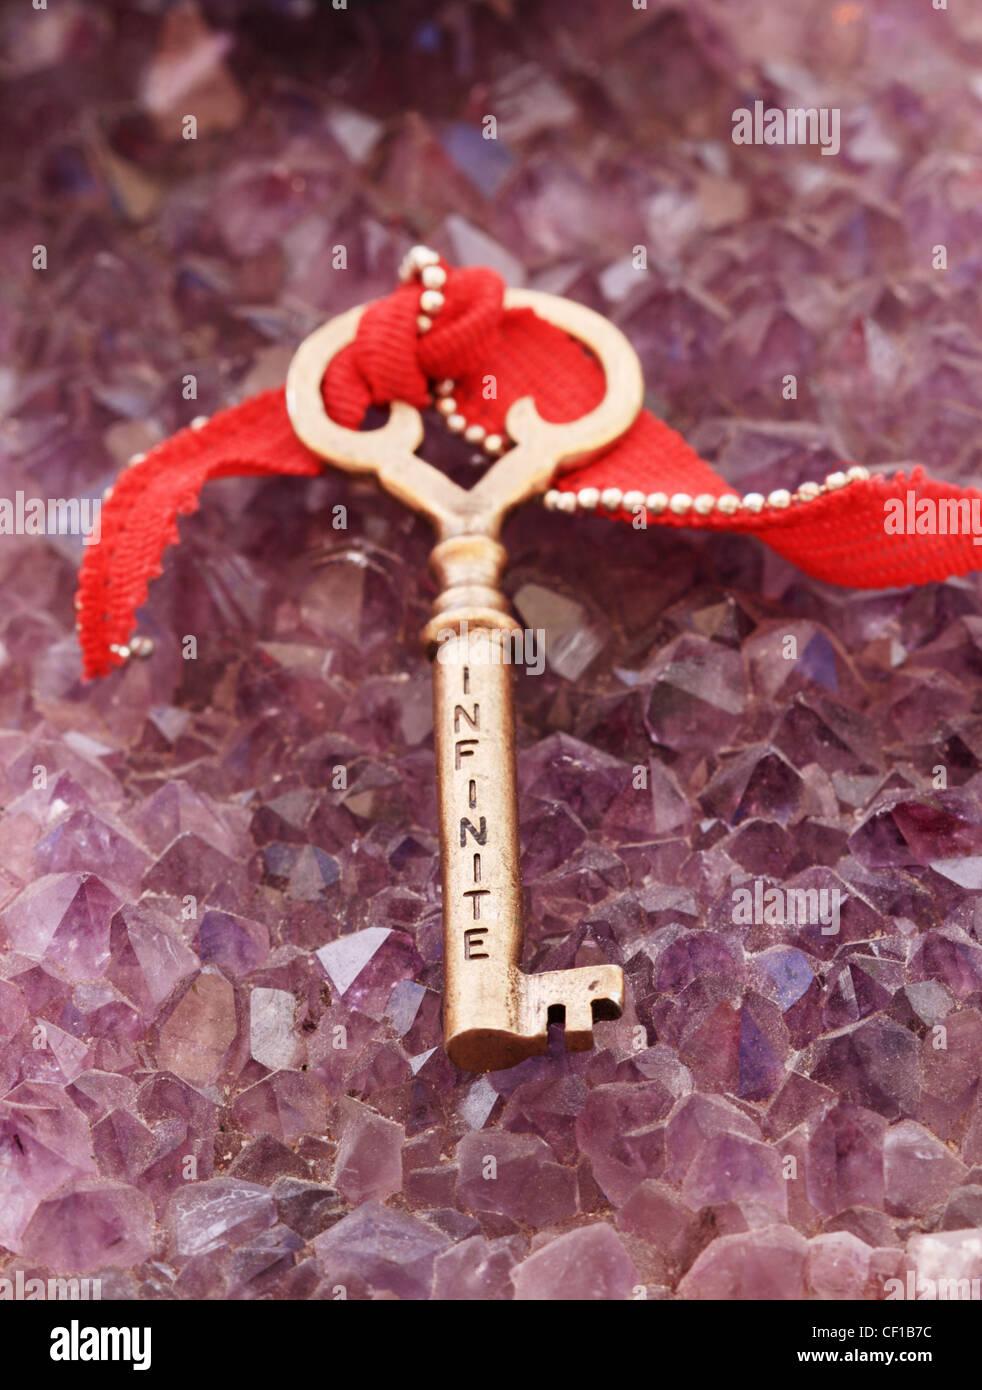 Infinite écrit sur une clé en laiton antique assis sur des cristaux d'améthystes Banque D'Images